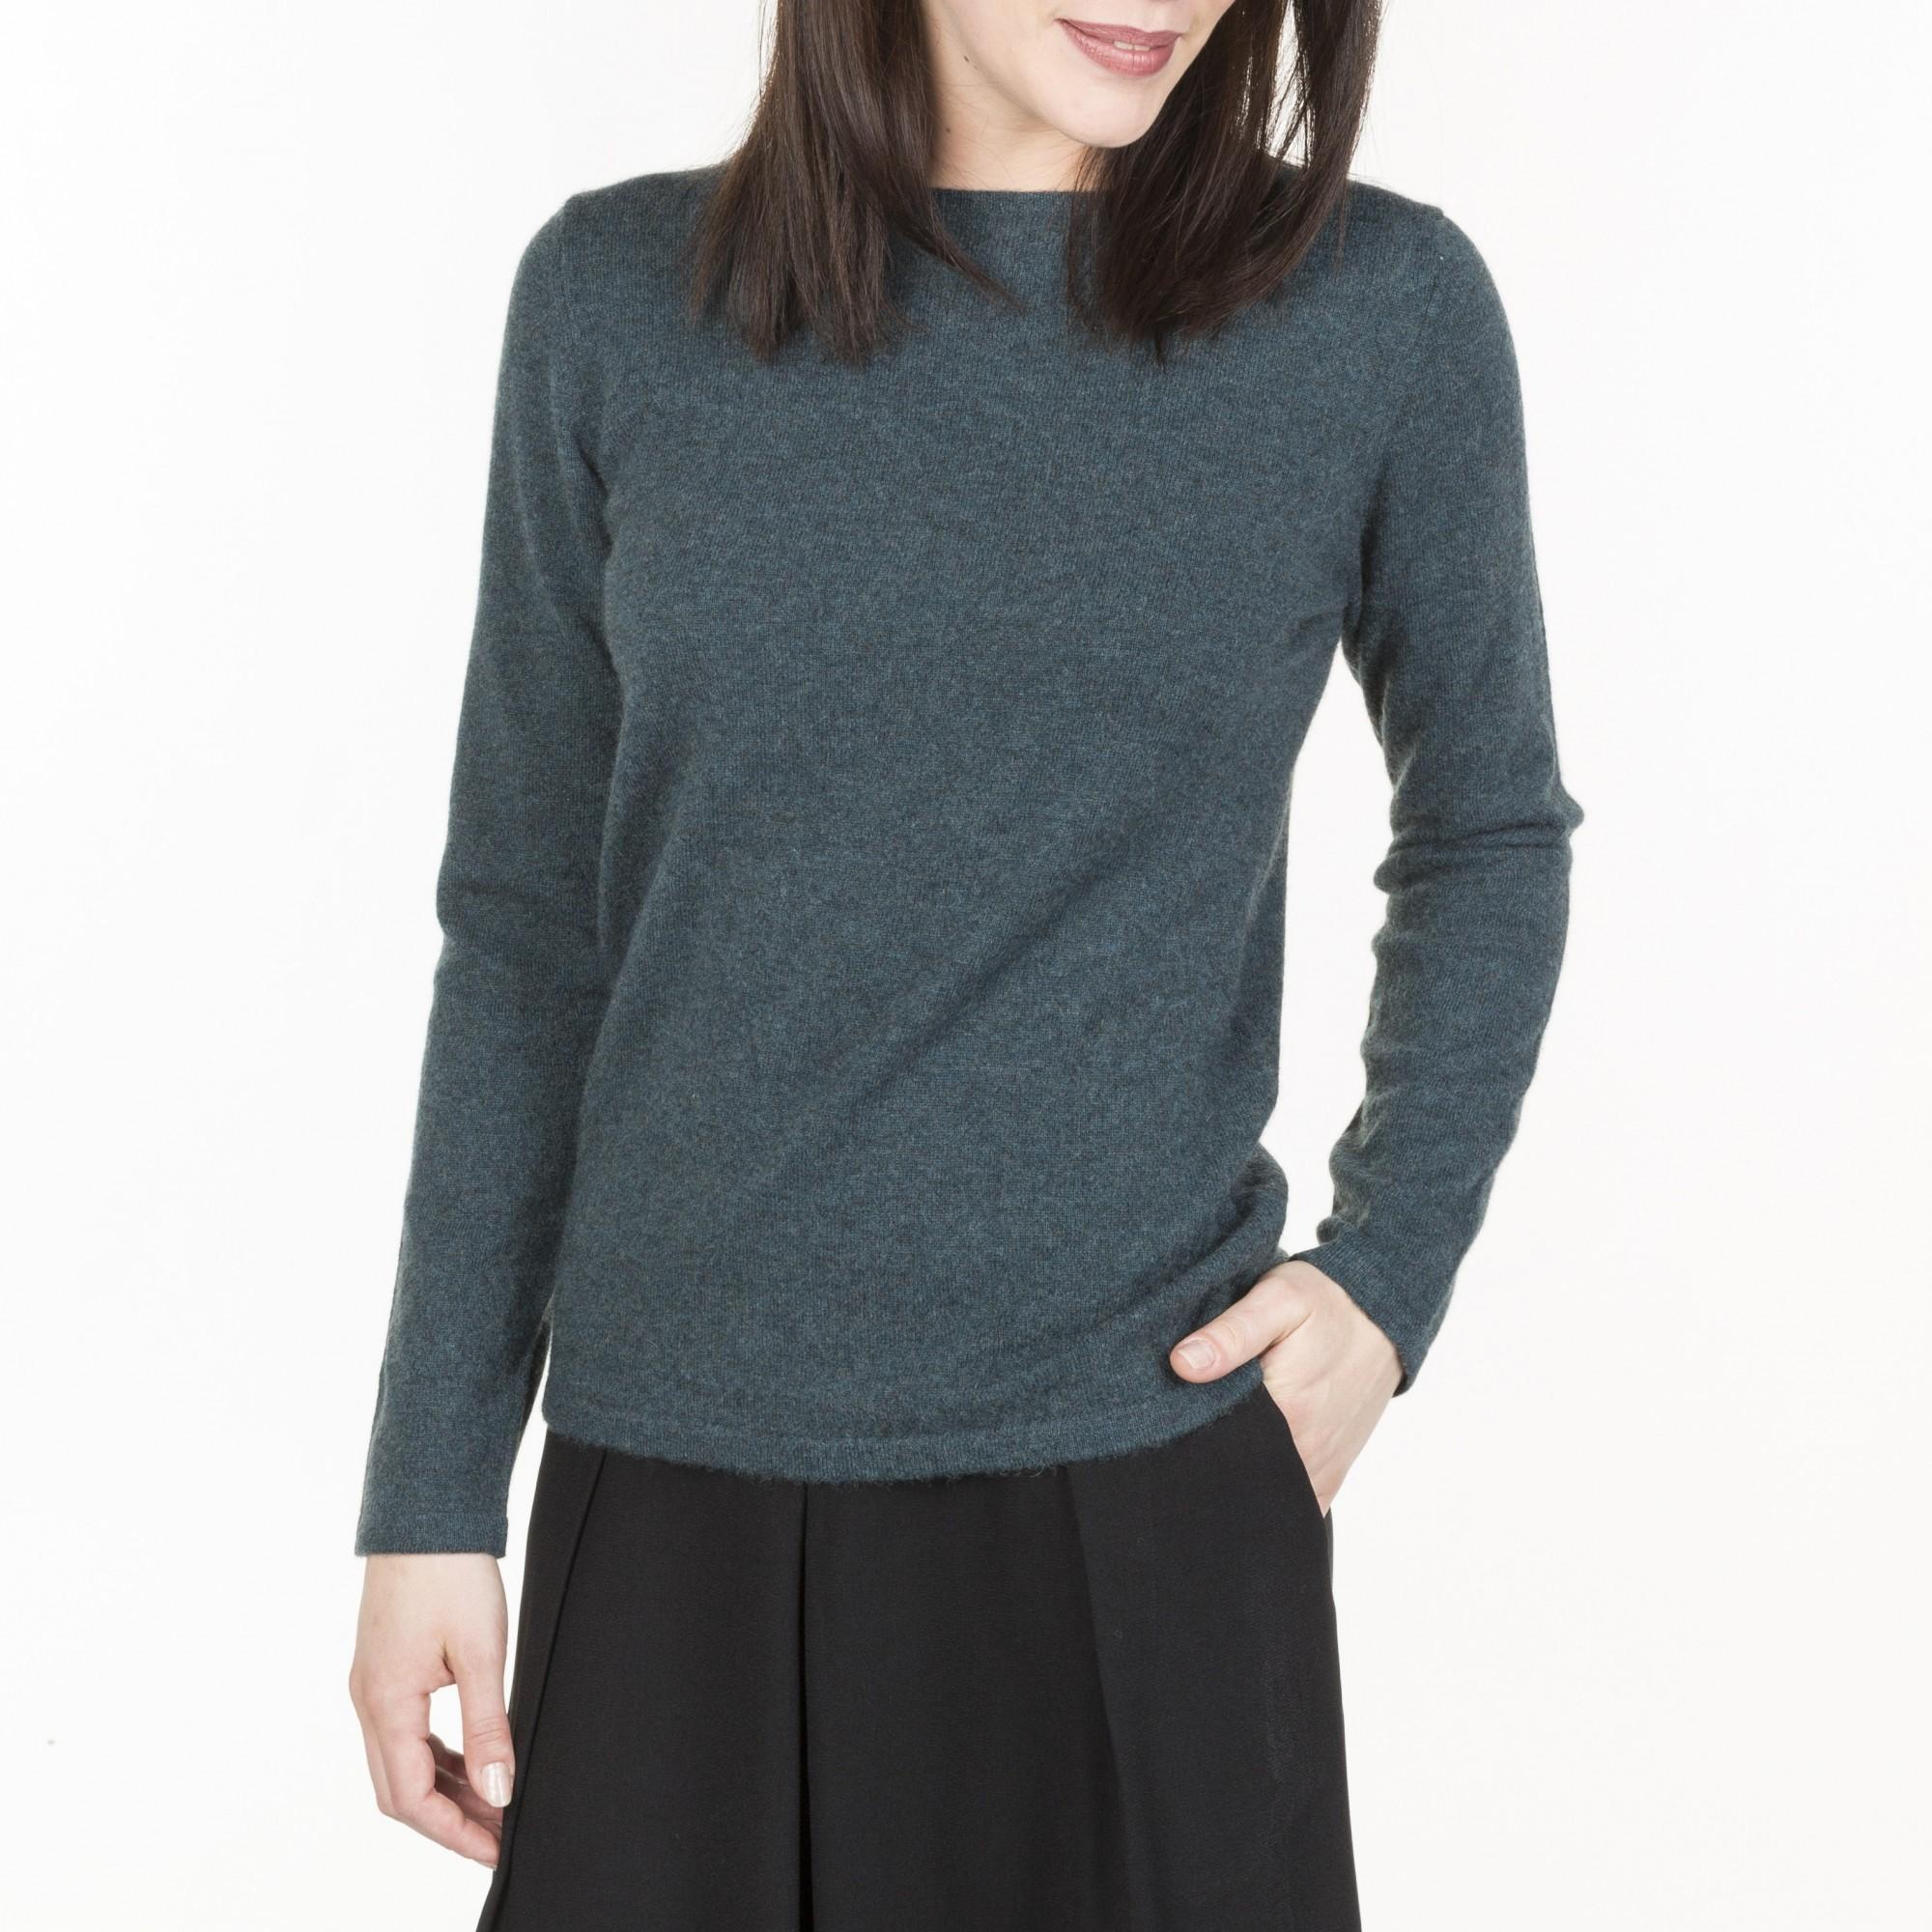 pullover femme ras de cou en cachemire de qualit. Black Bedroom Furniture Sets. Home Design Ideas